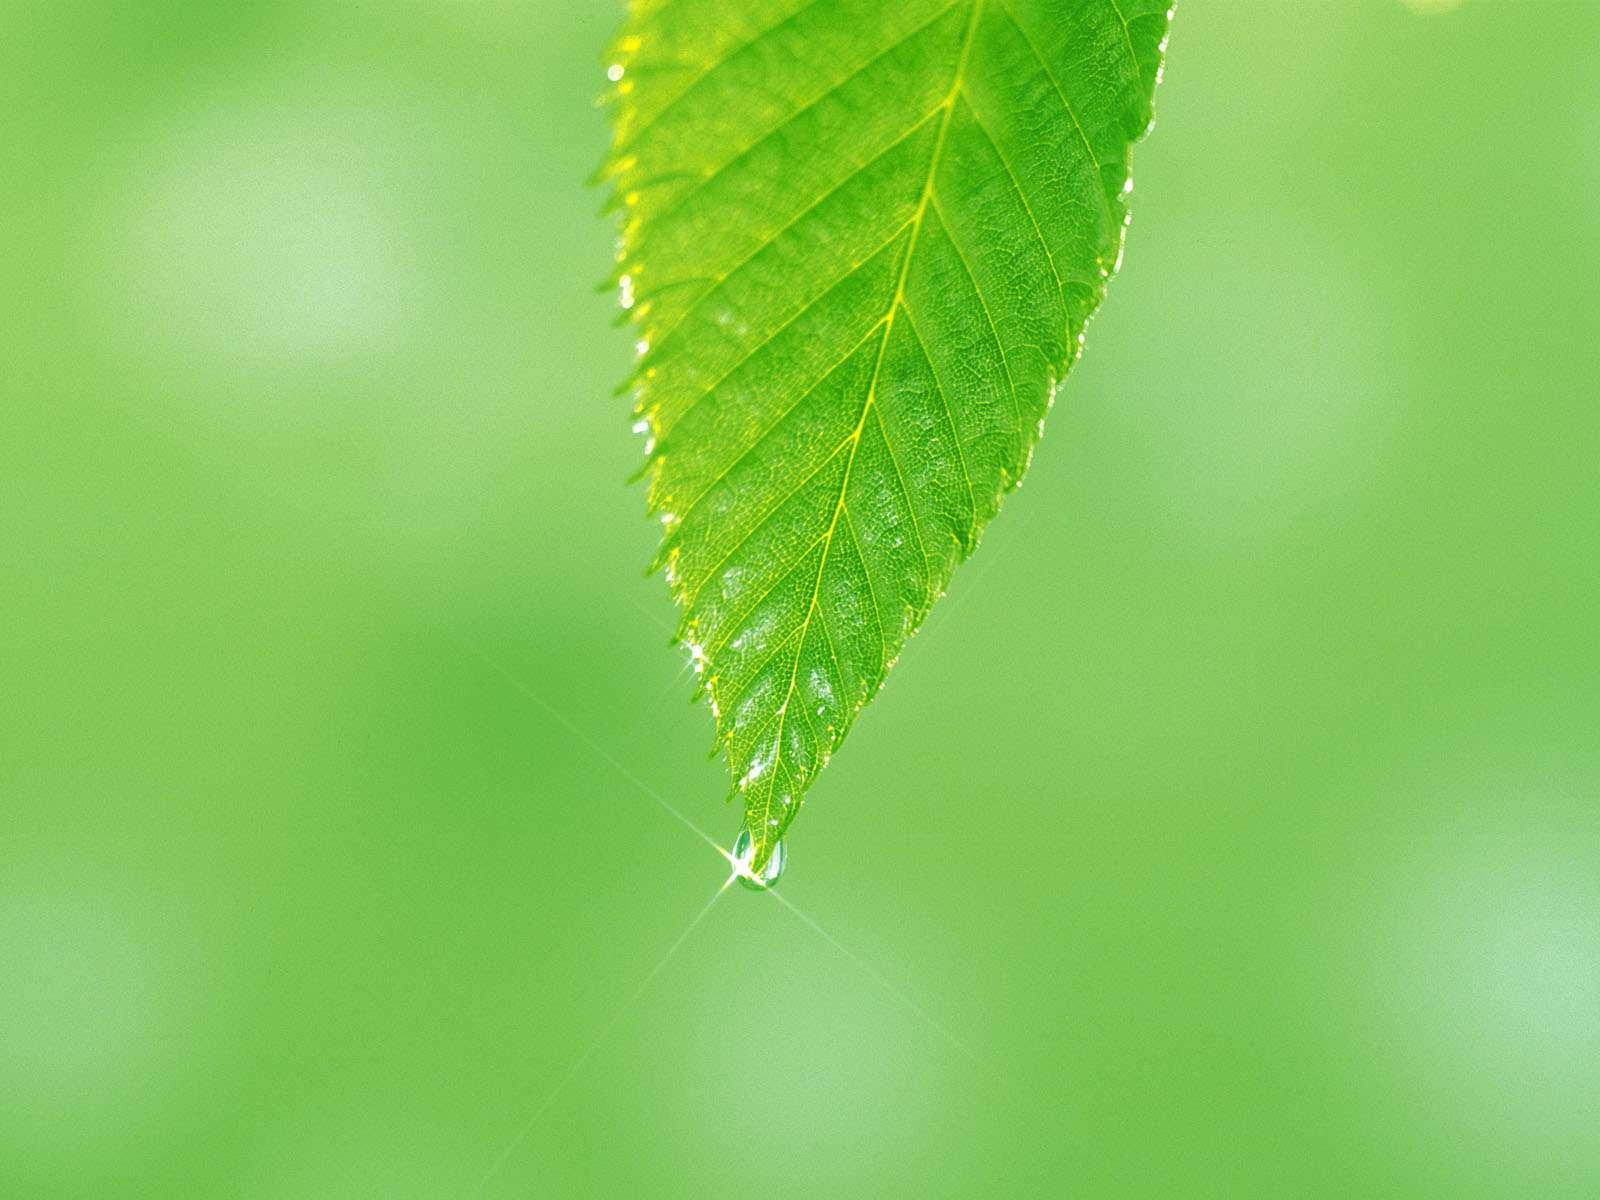 برگ سبز و قطره شبنم گنجینه تصاویر تبيان